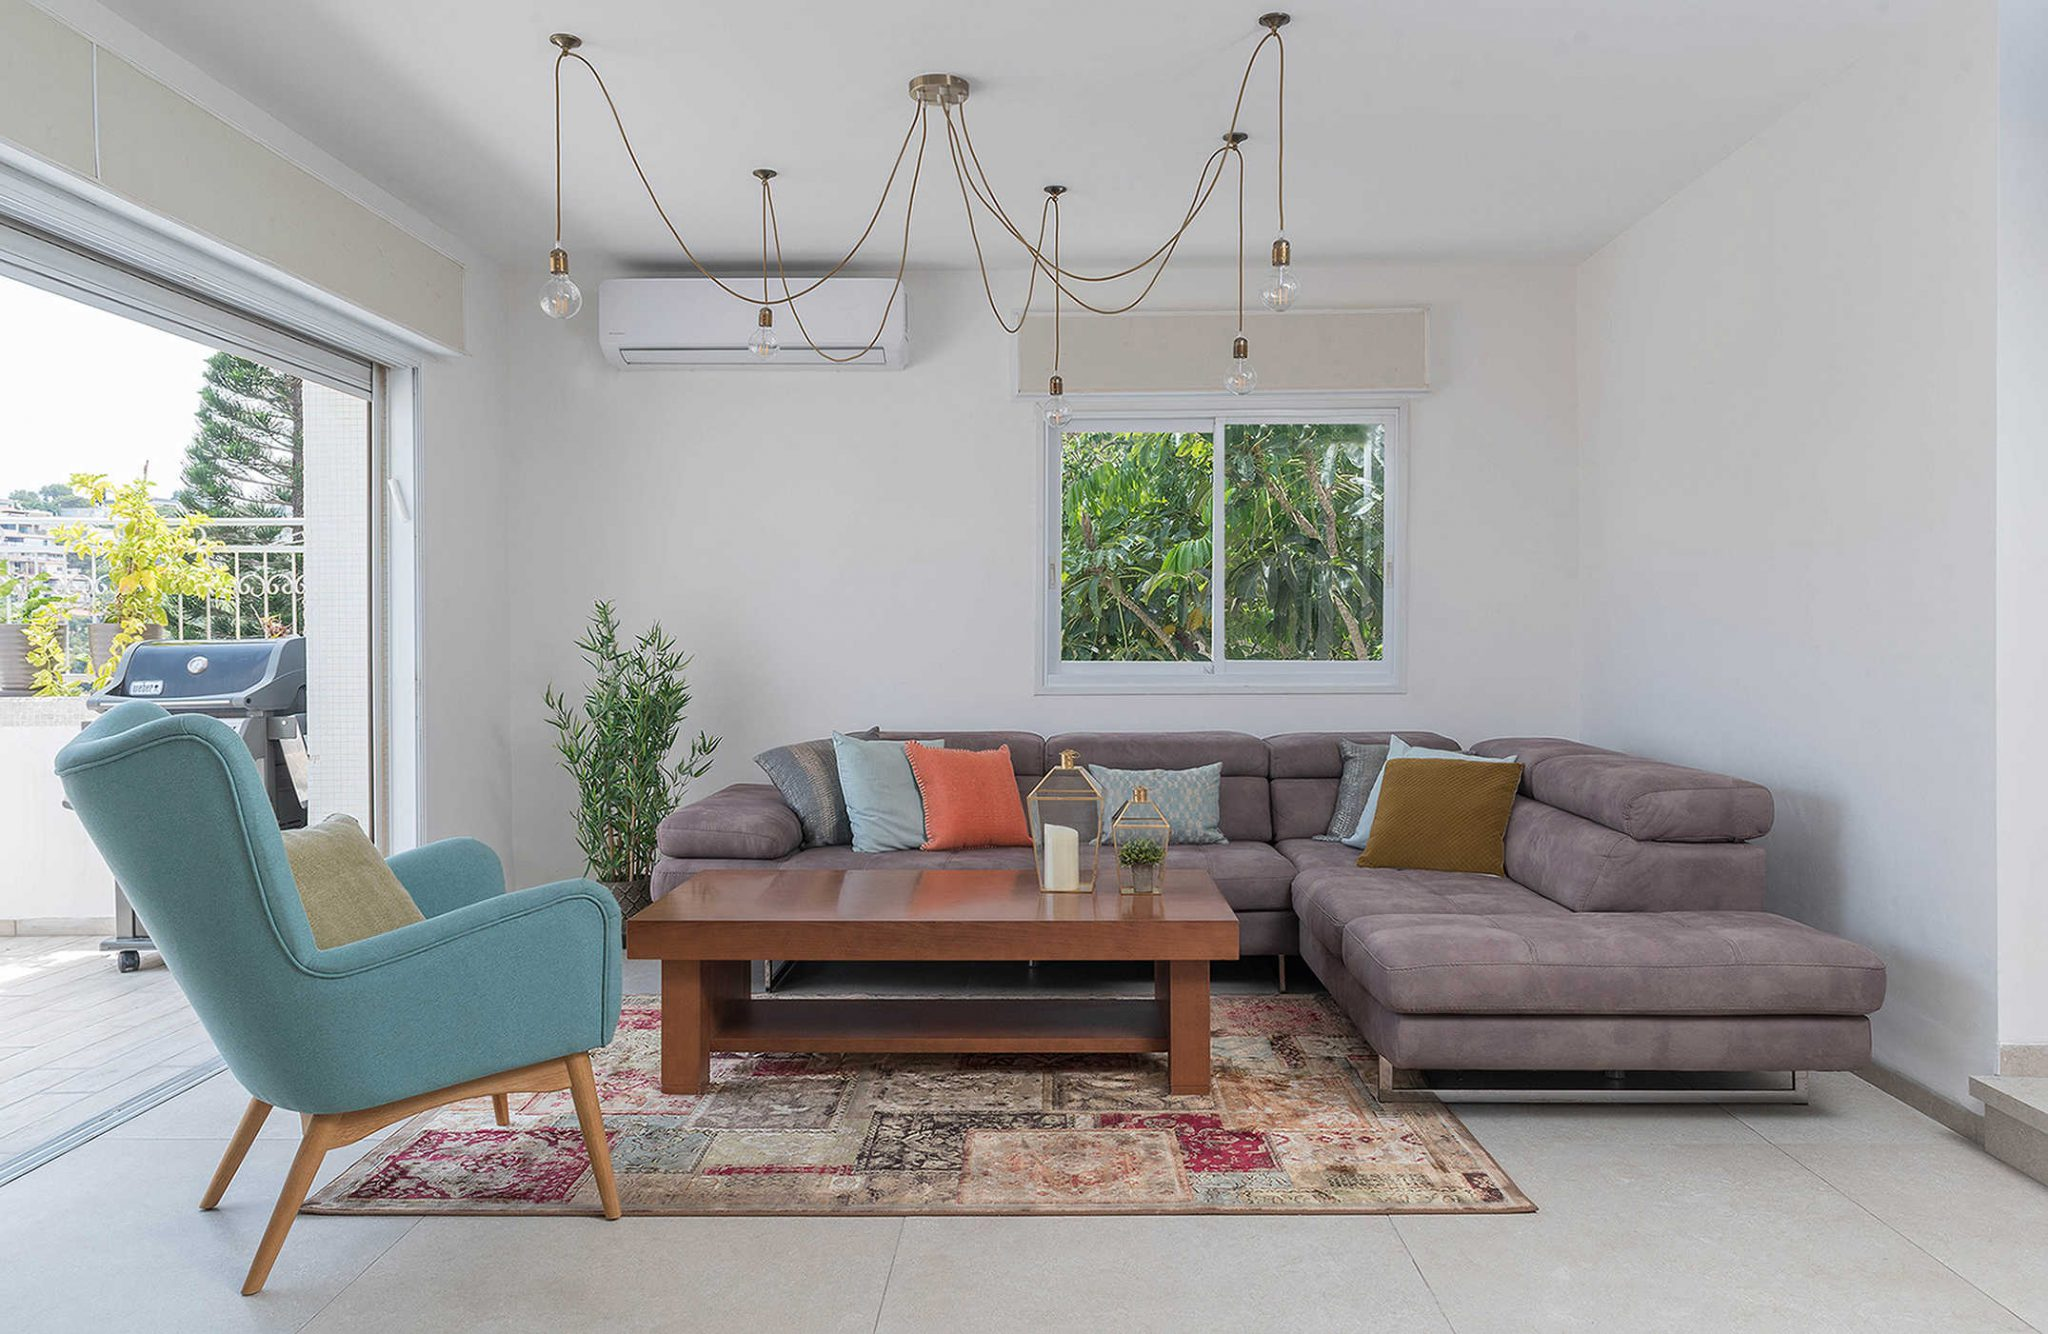 עיצוב פנים דירות יוקרה - הסלון